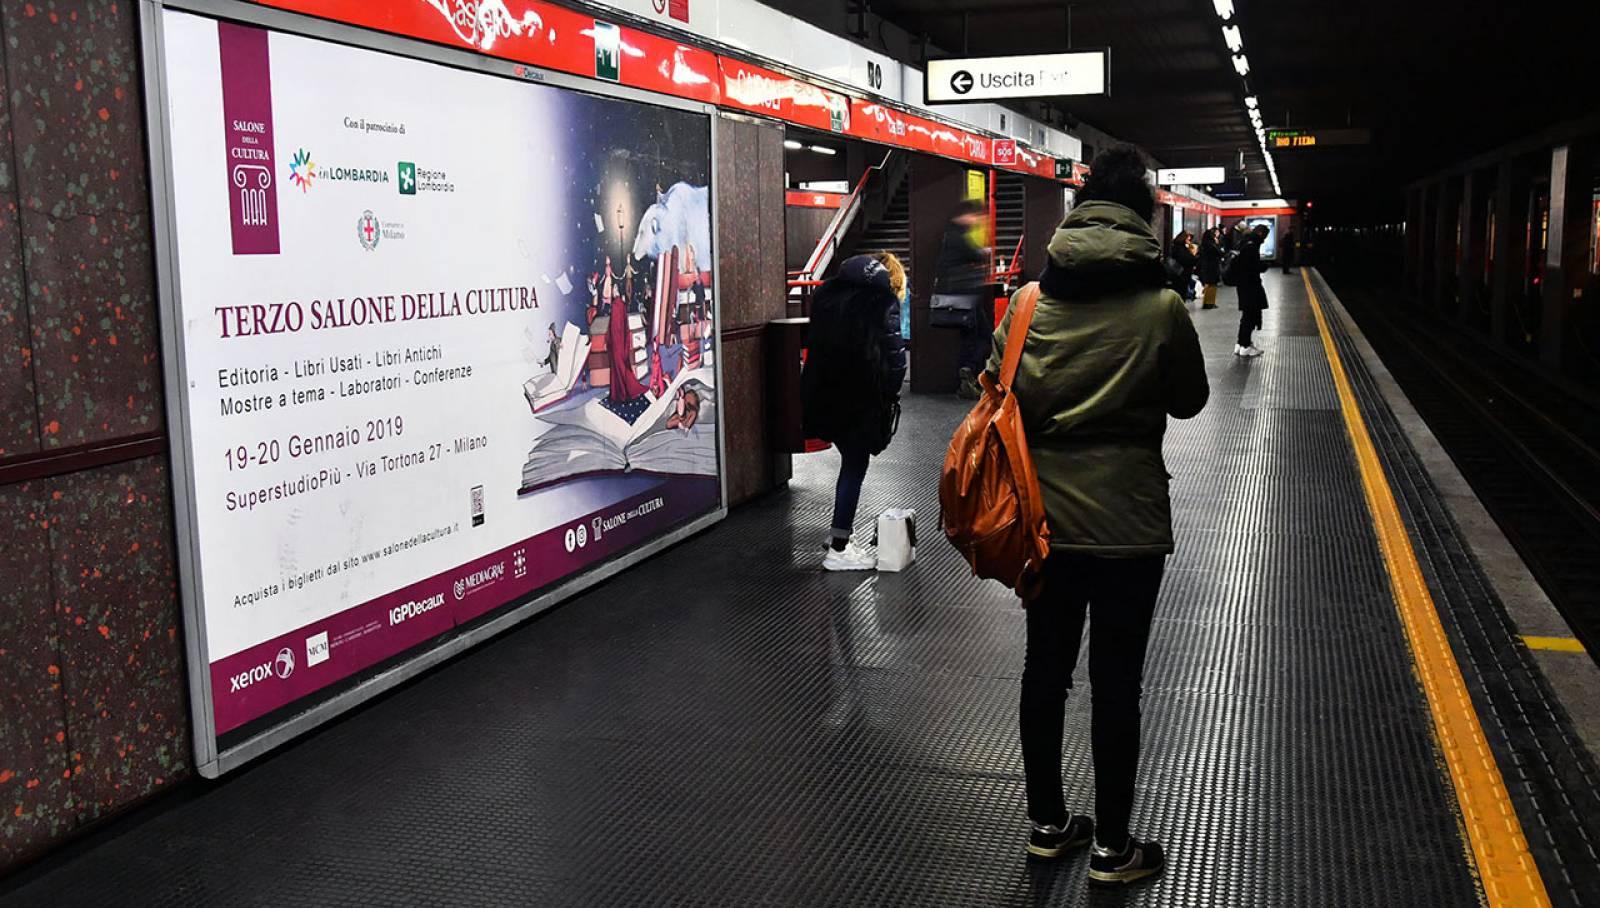 OOH IGPDecaux a Milano circuito phyigital per il Salone della cultura